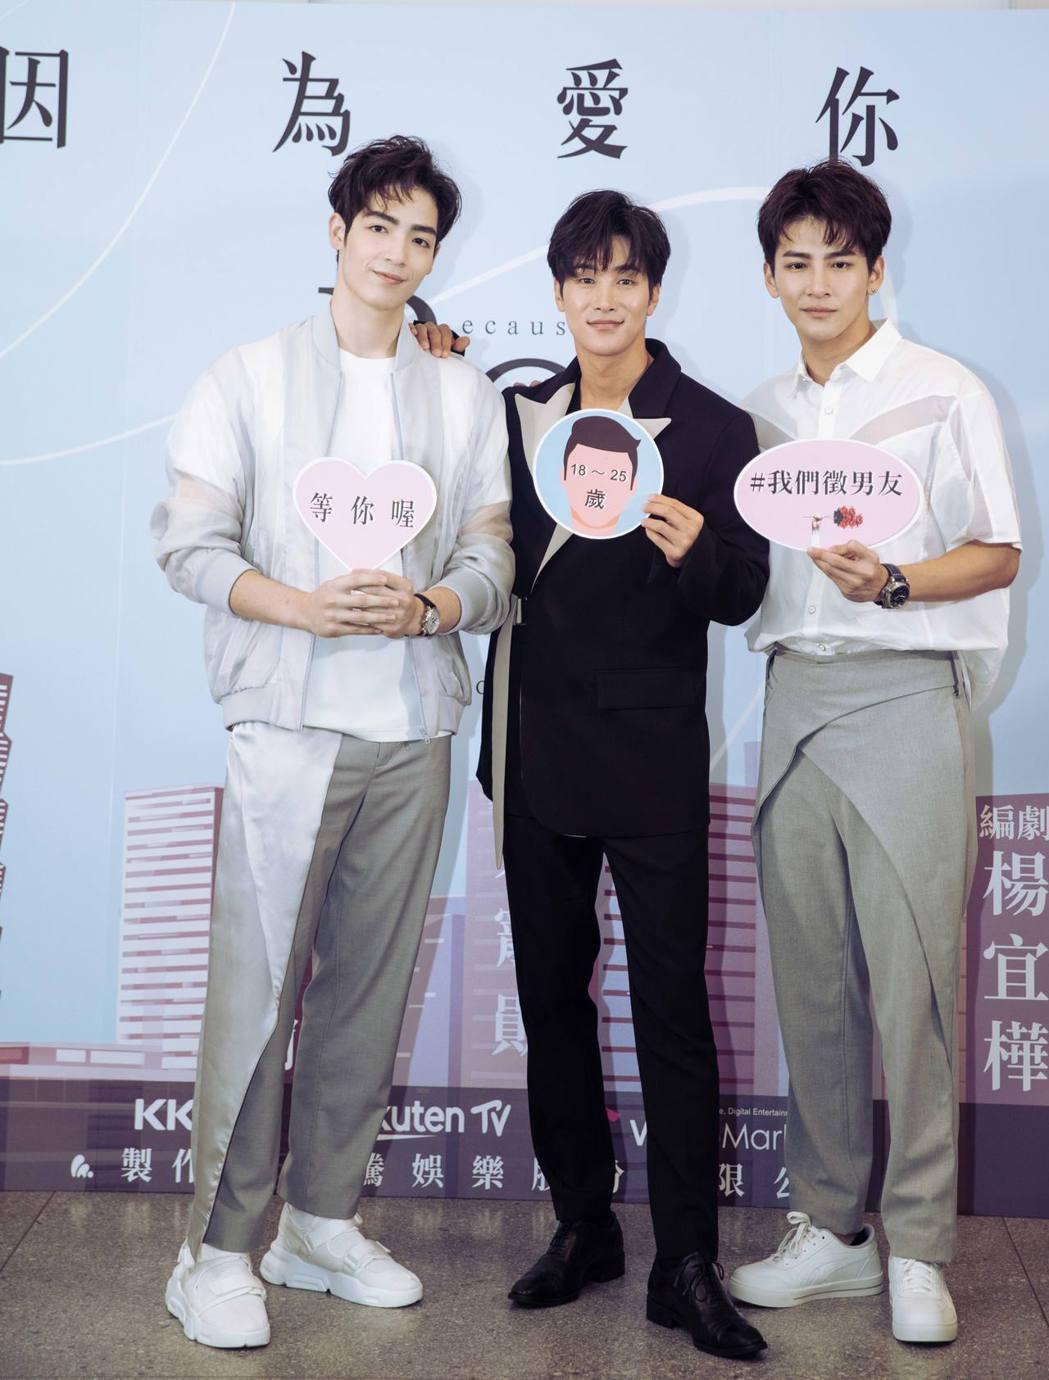 韓星李時剛(中)和張又瑋(右)和黃士杰一起演出新戲「2020因為愛你」。圖/達騰...